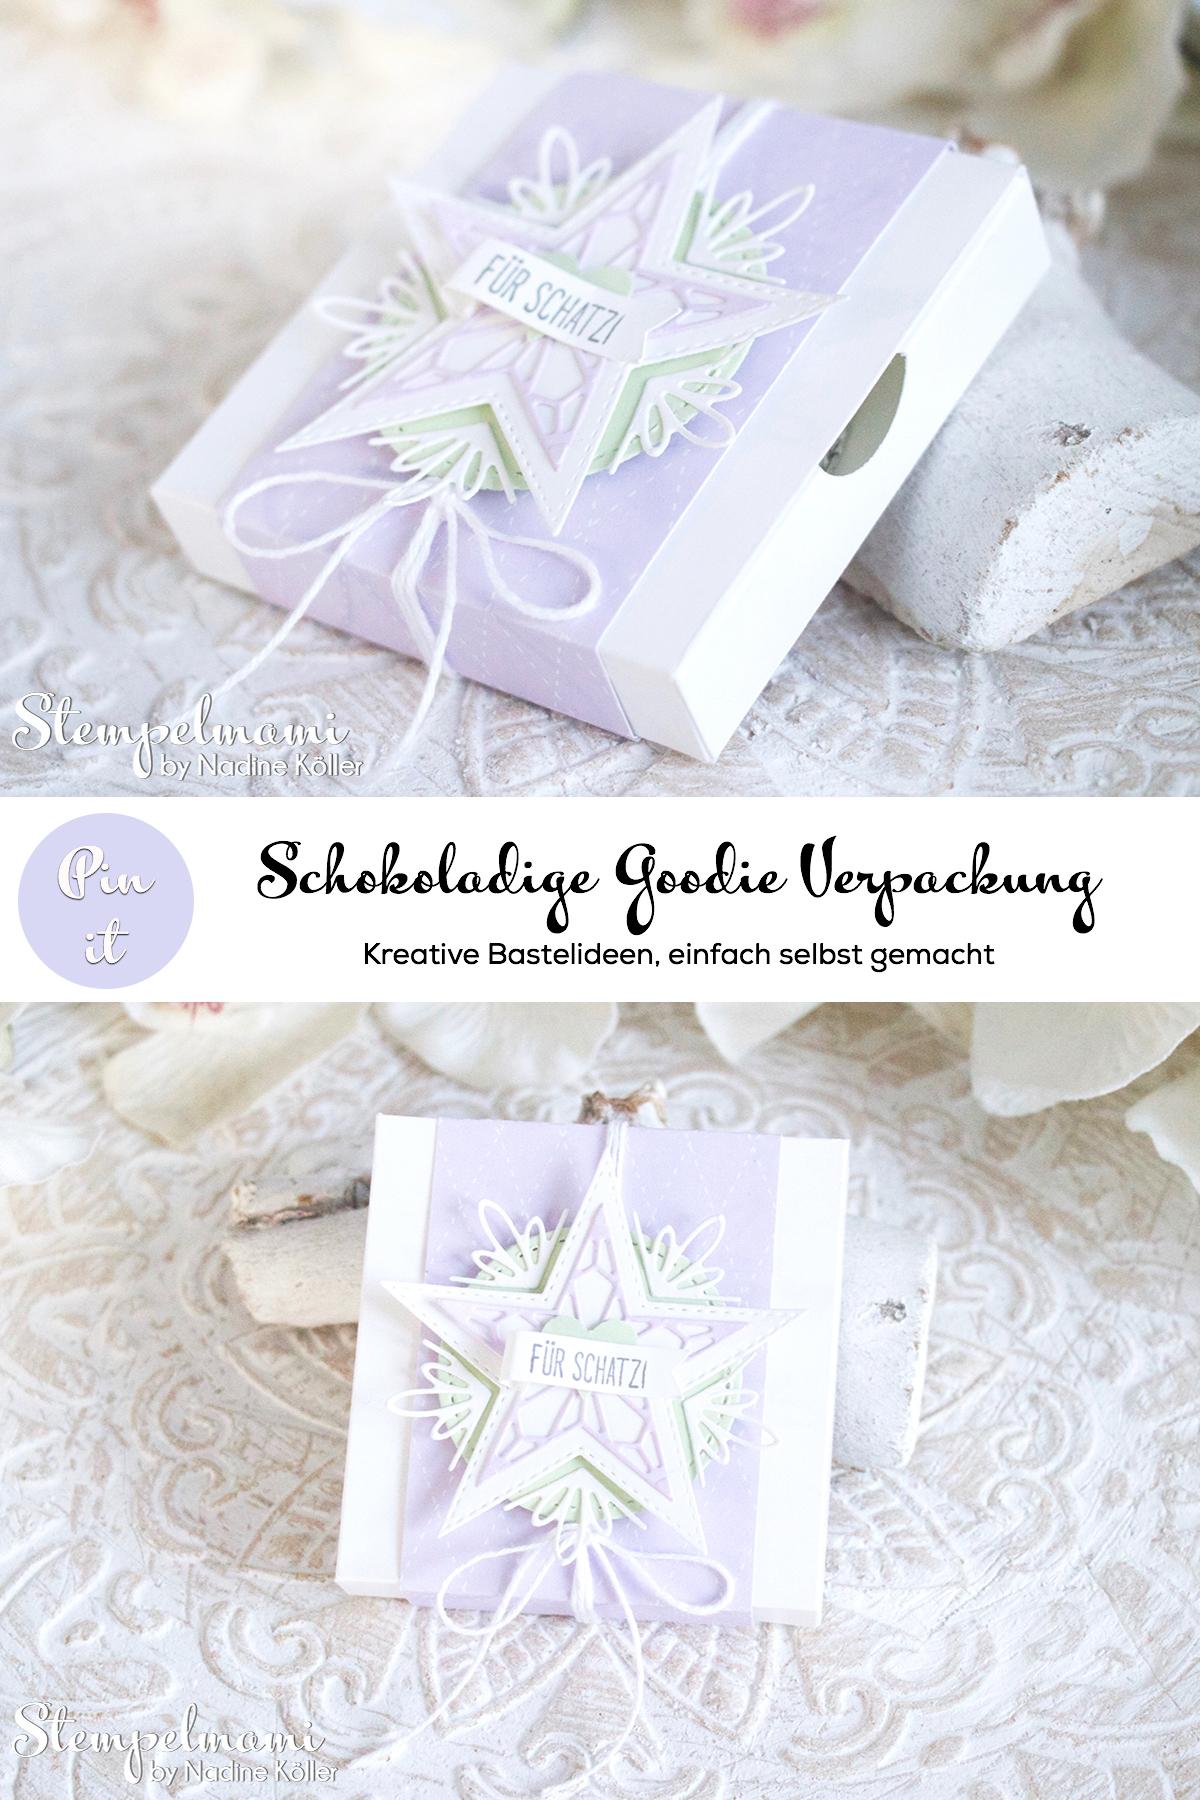 Stampin Up Goodie Verpackung Sternenglanz Milka Schokolade Stempelmami 4